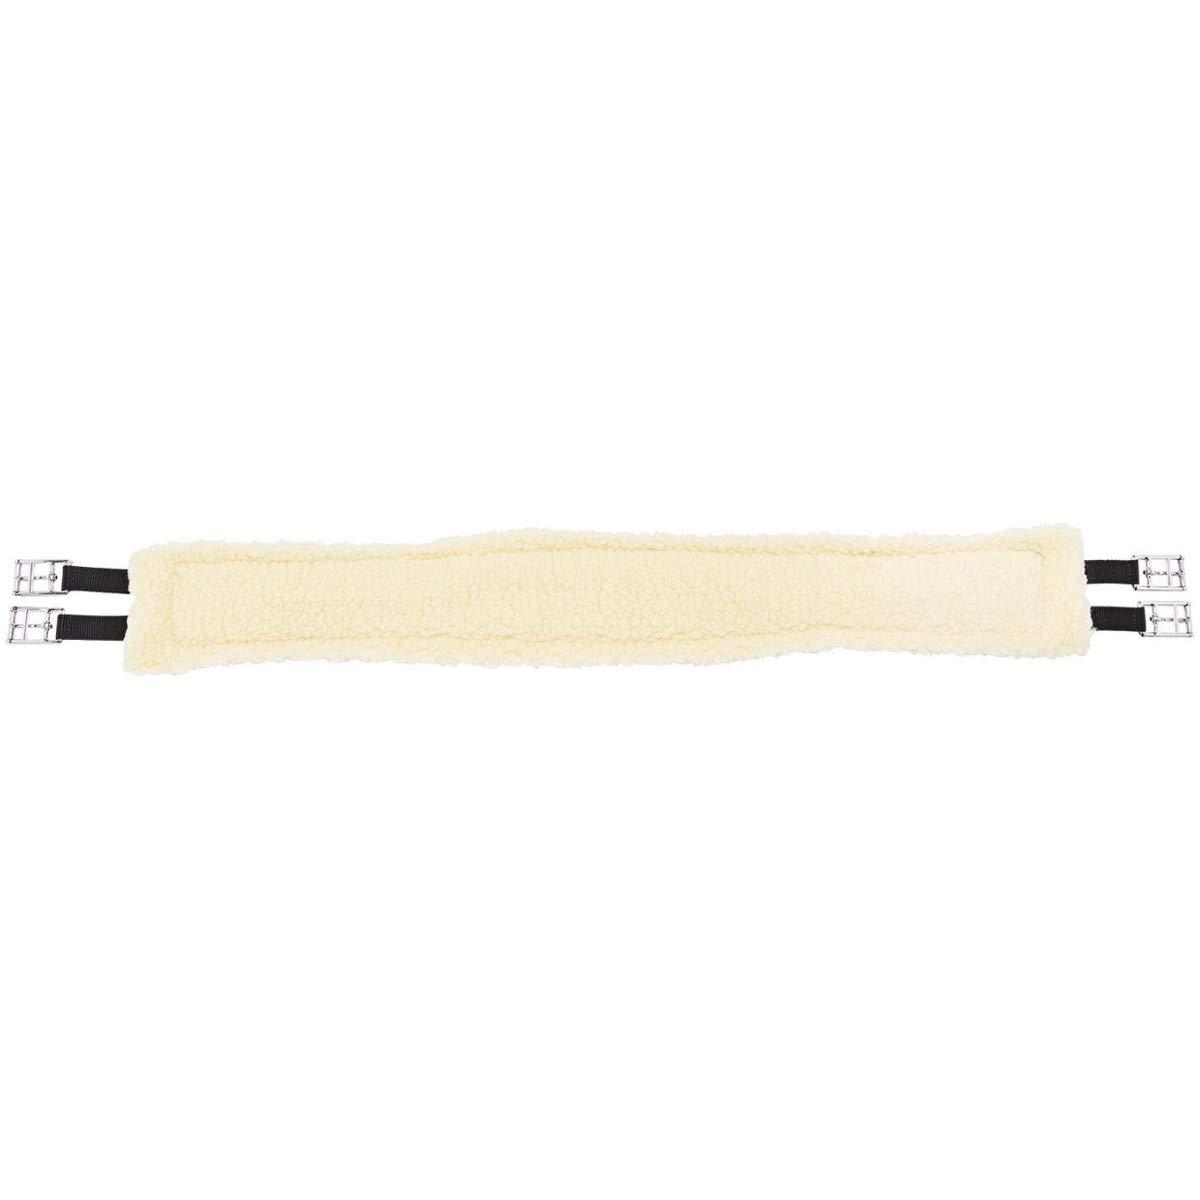 Busse Sattelgurt Cross-Long-Fell